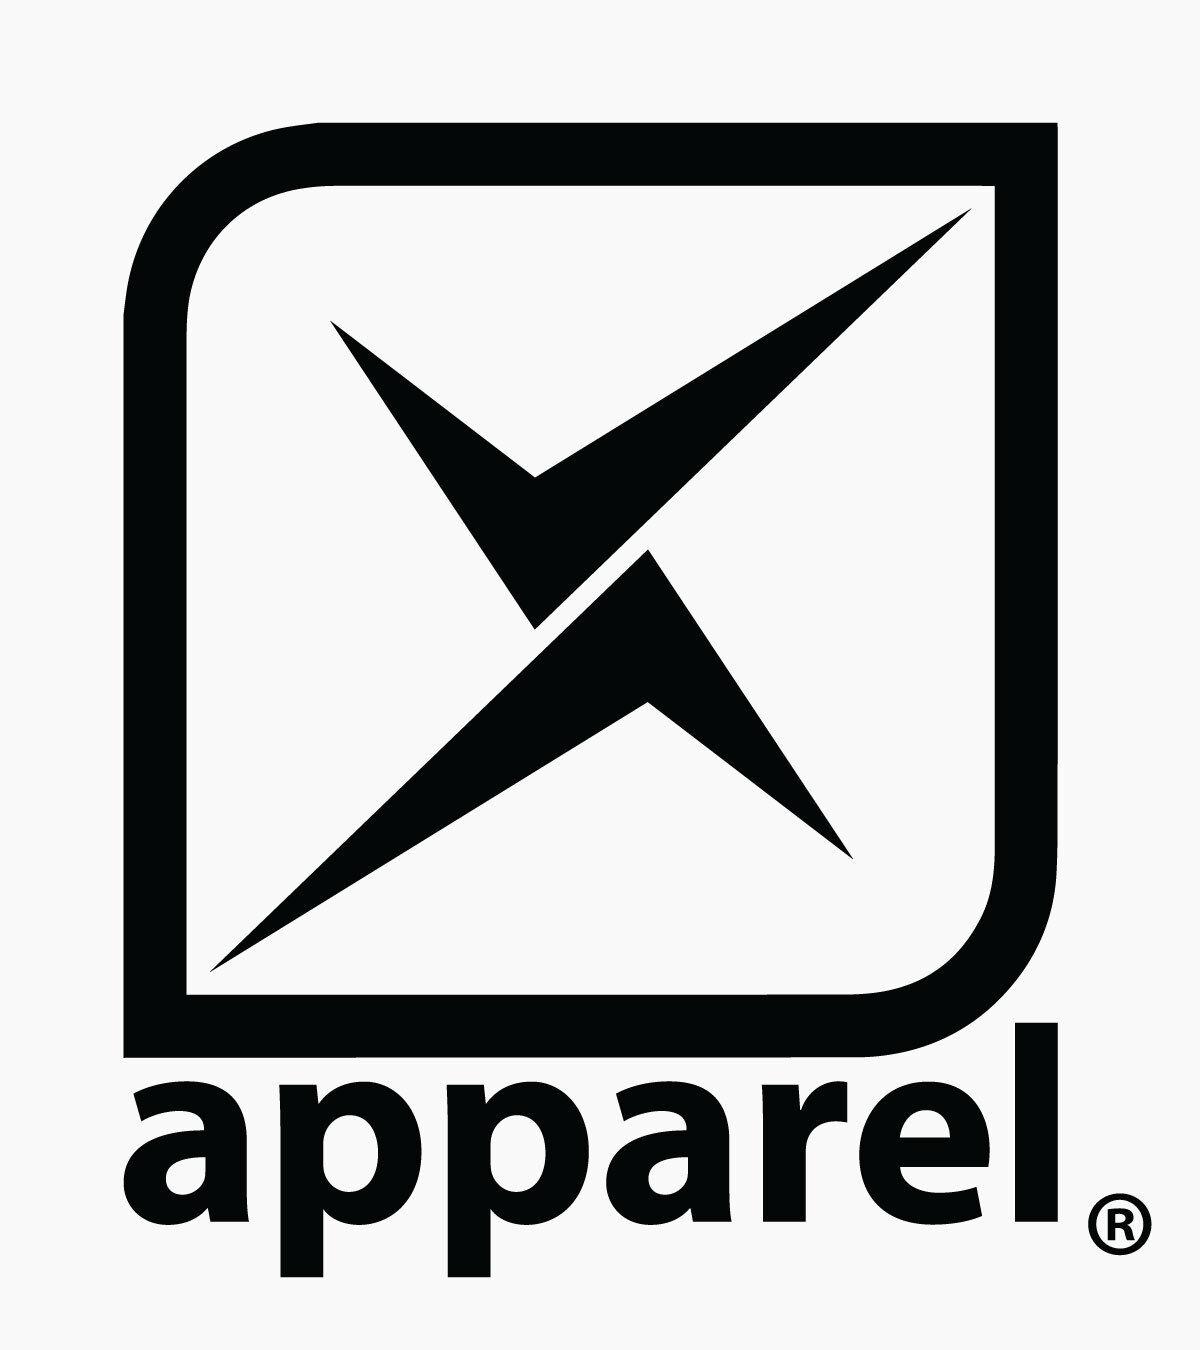 Xapparel